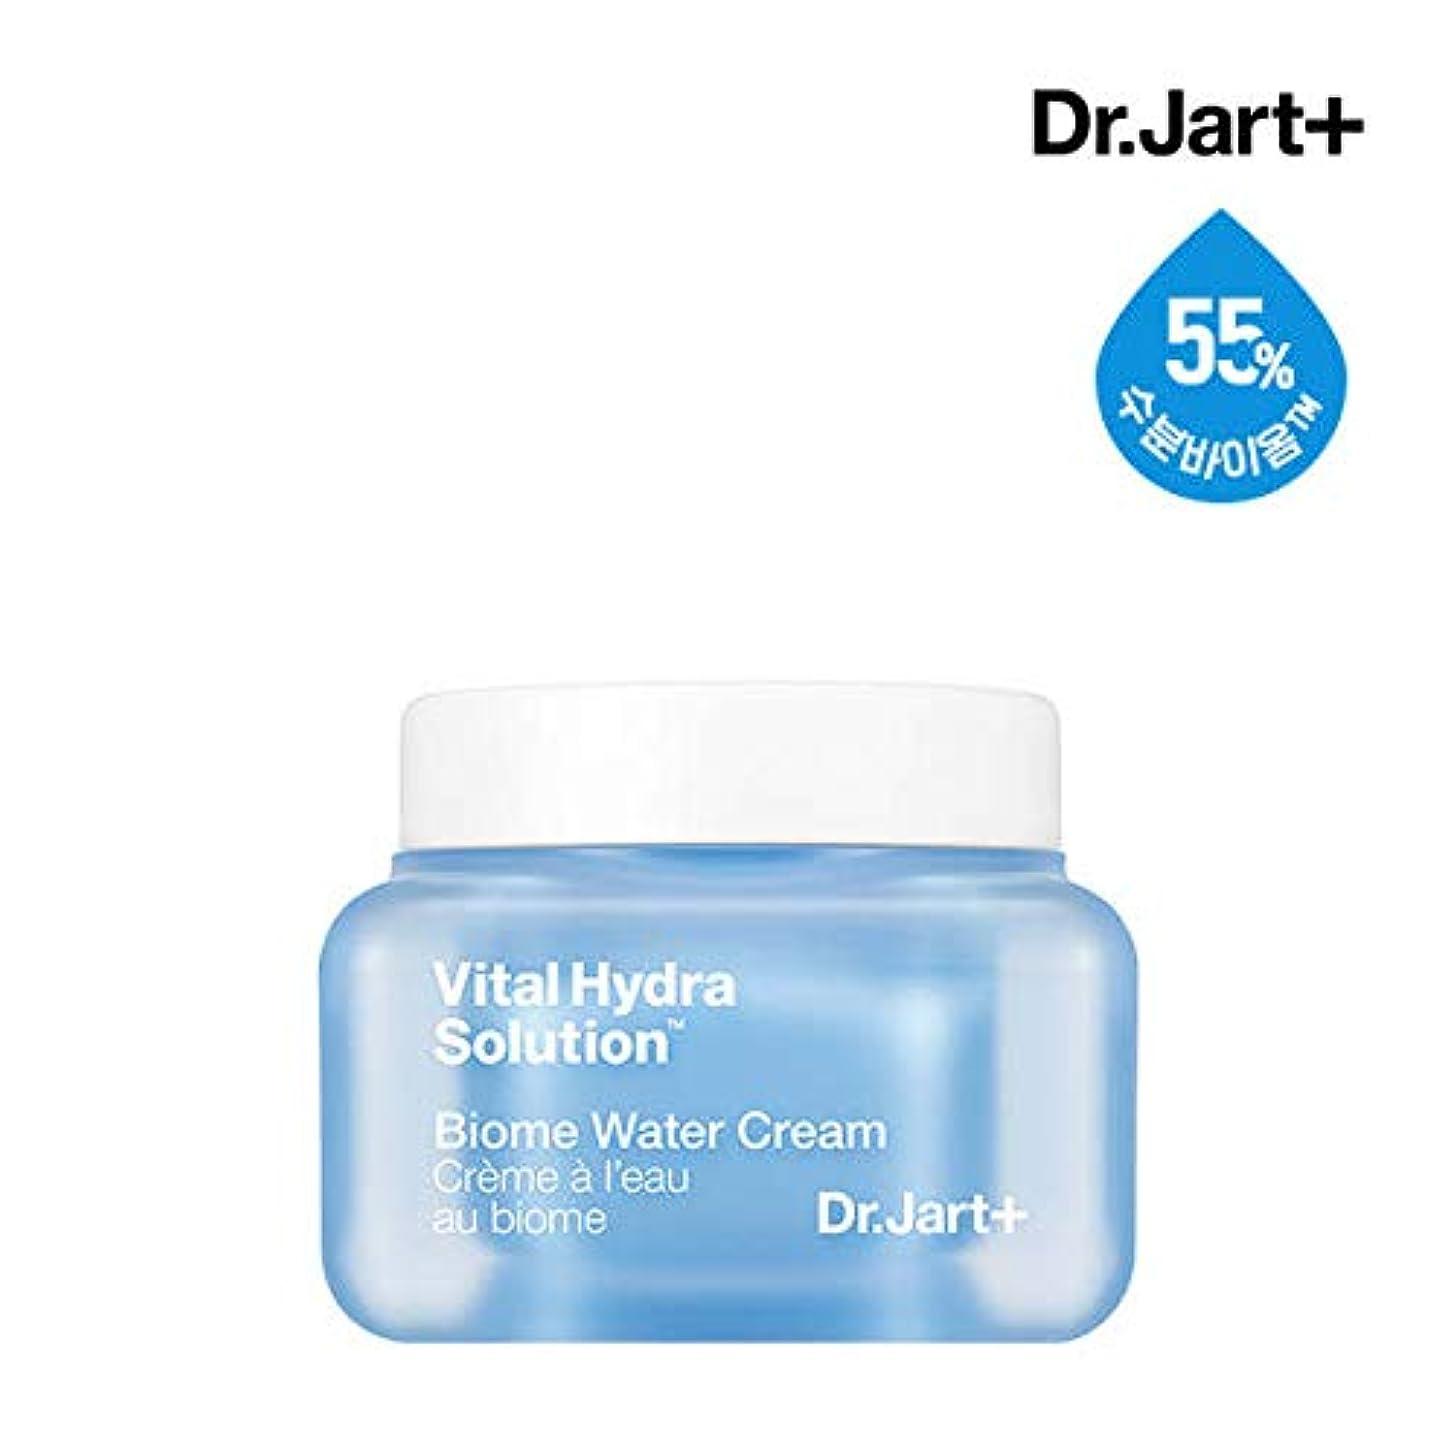 で出来ている海親ドクタージャルトゥ[Dr.Jart+] バイタルハイドラソリューションバイオームウォータークリーム50ml (Vital Hydra Solution Biome Water Cream) /リフレッシュハイドレーション